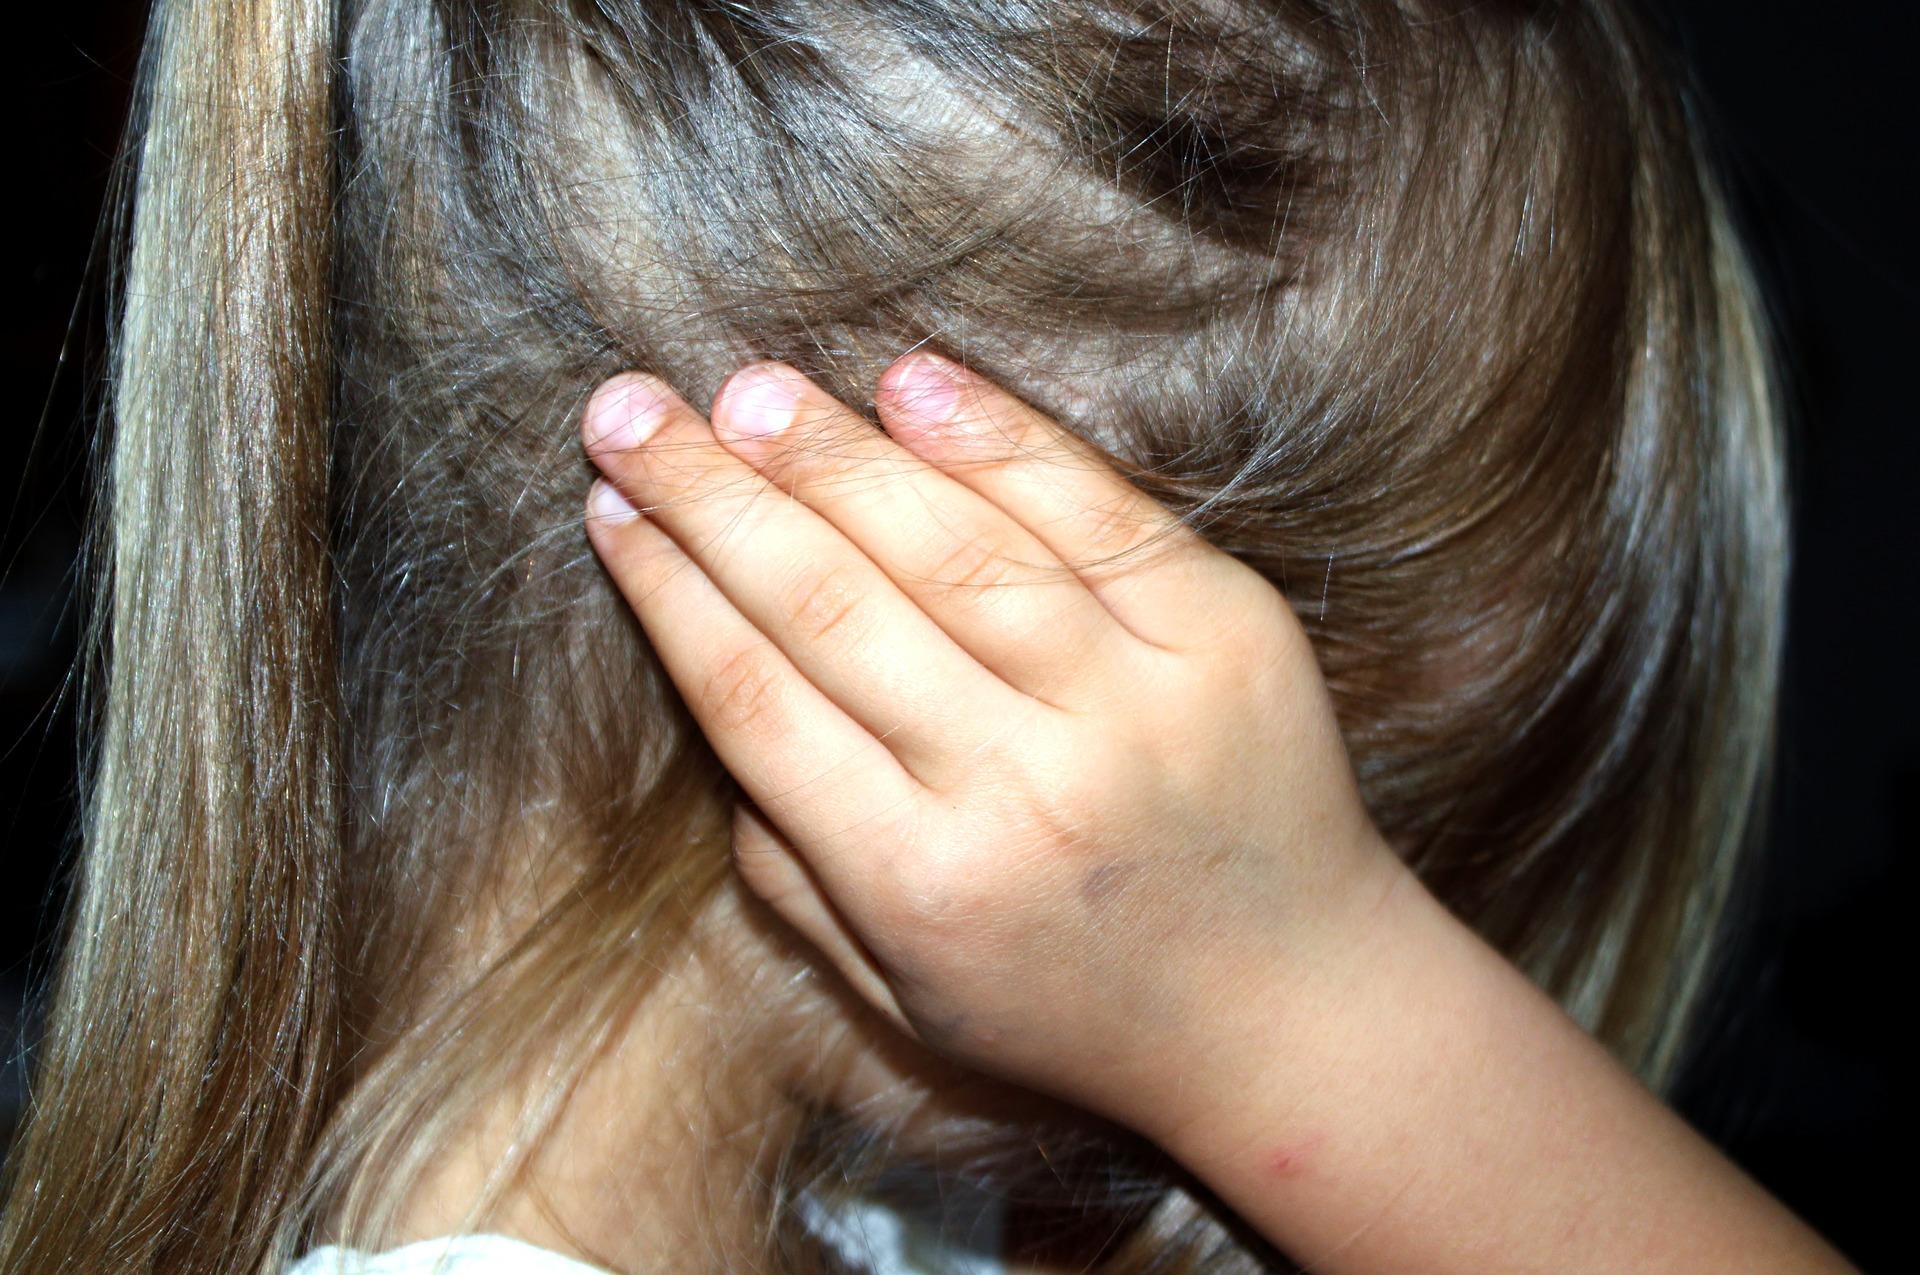 orecchie-a-sventola-nei-bambini-quando-si-puo-intervenire-per-correggerle